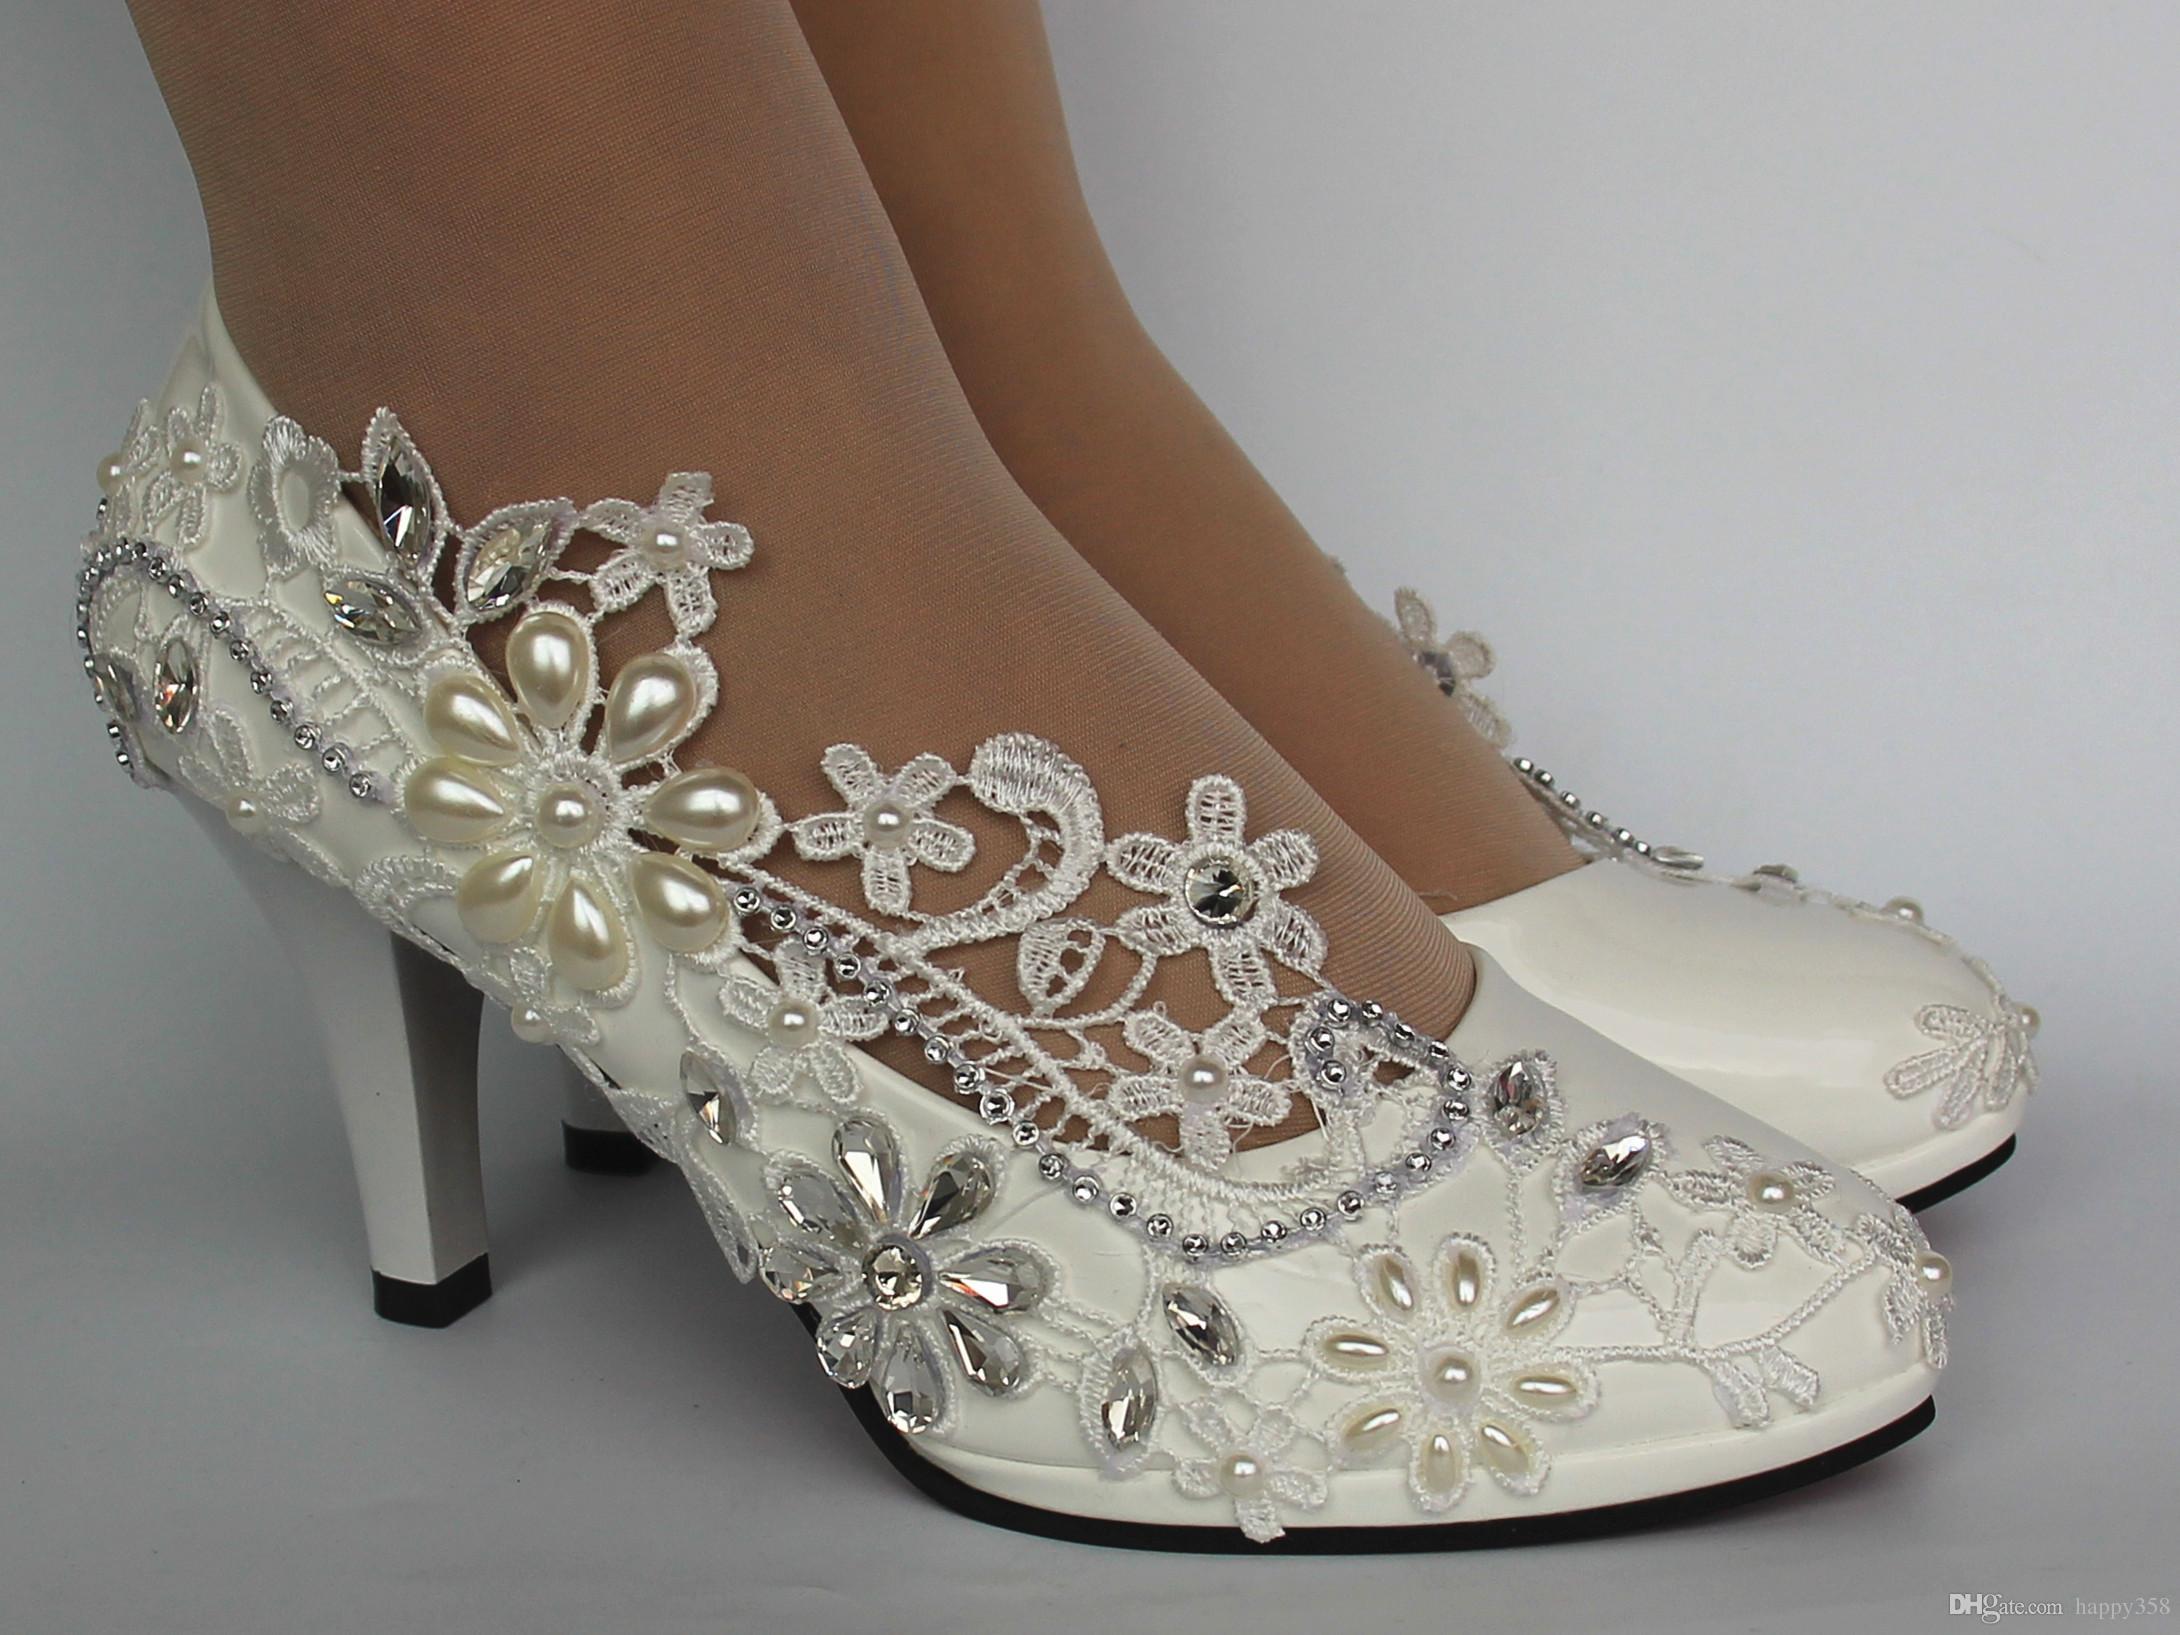 1b064bfbd Compre Nova Moda Frete Grátis Senhoras Strass Pérolas Rendas Marfim Peep  Toe Sapatos De Salto Alto Nupcial De Salto Alto De Happy358